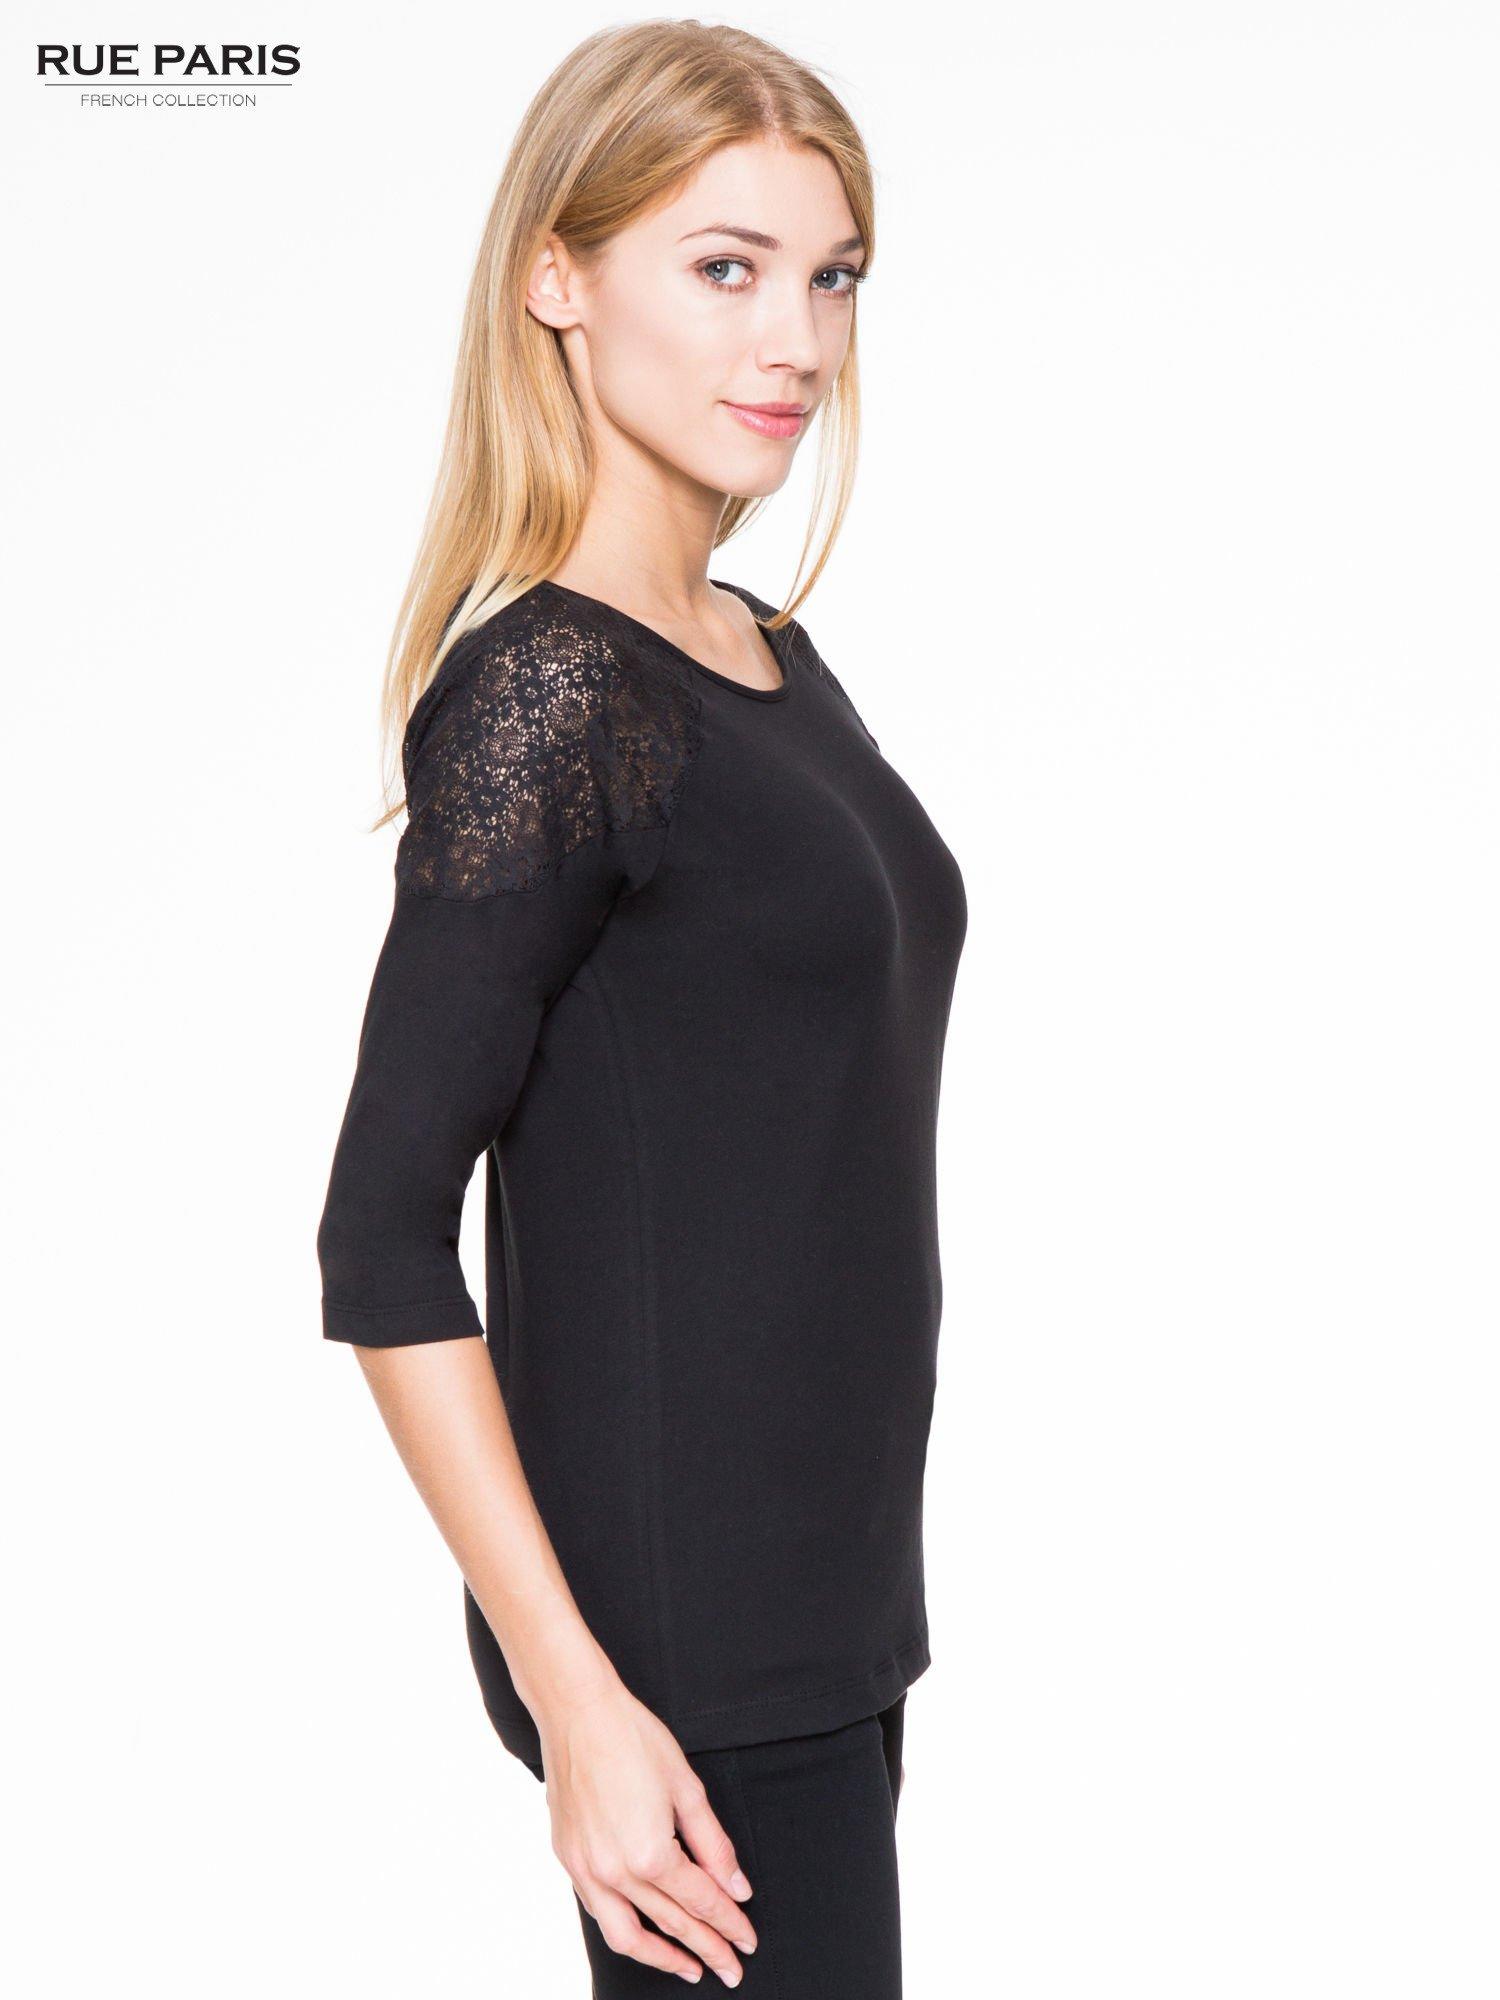 Czarna bluzka z koronkową wstawką na ramionach                                  zdj.                                  3